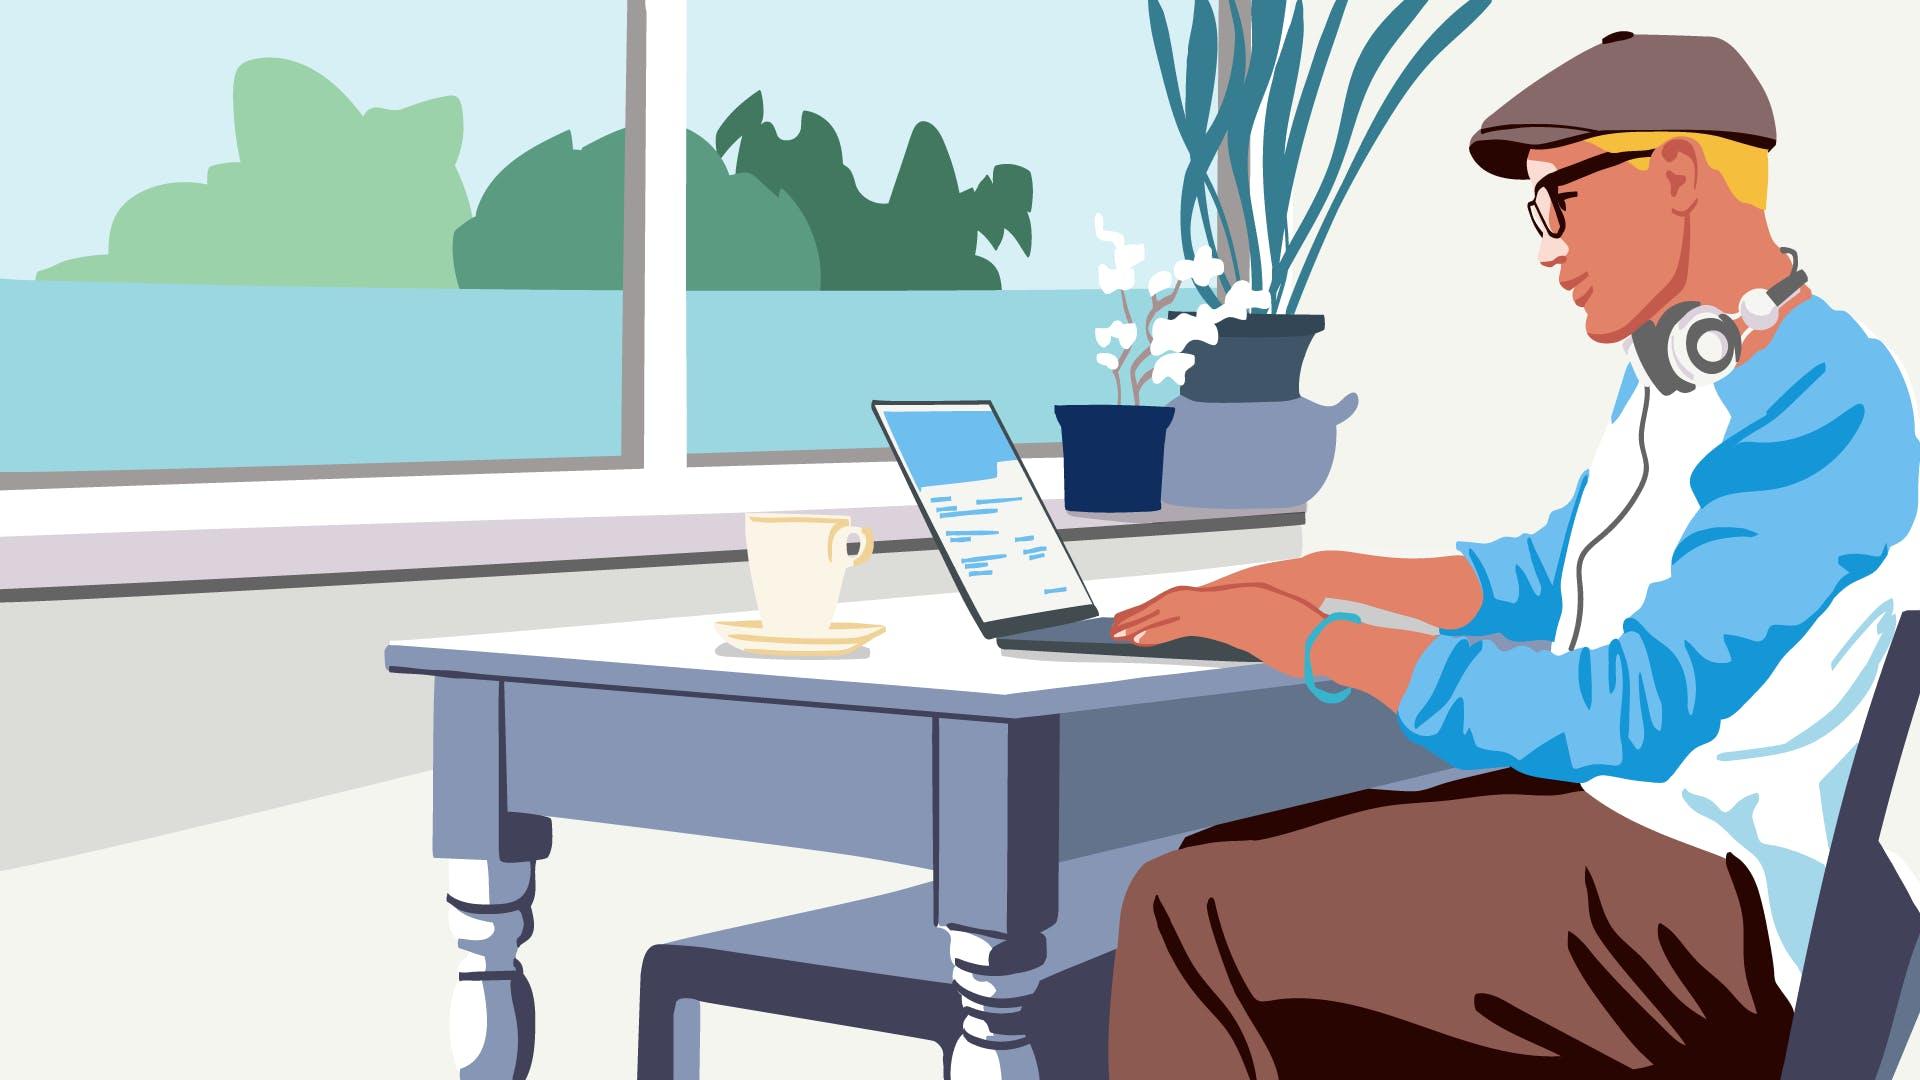 Mann mit Mütze tätigt am Laptop eine Online Überweisung.